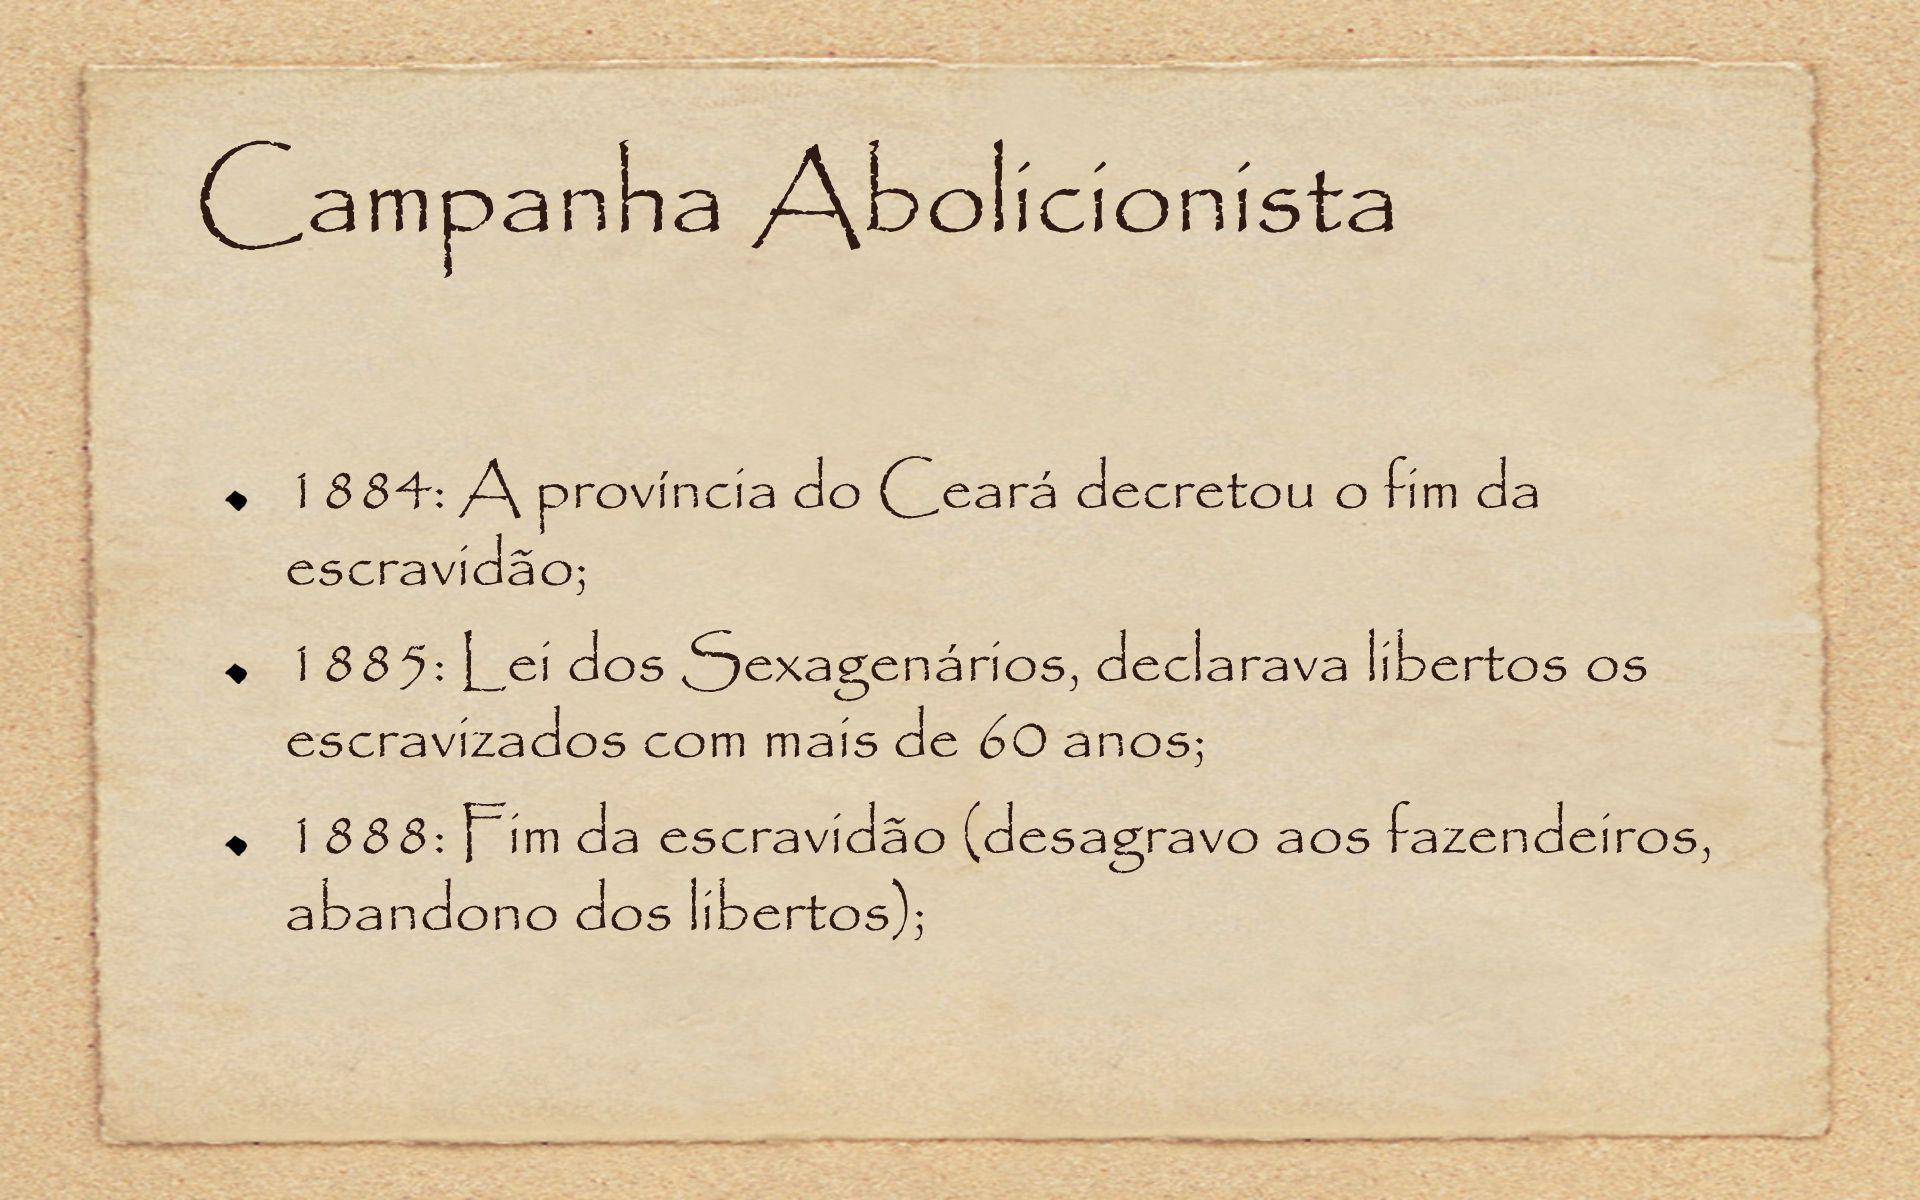 Campanha Abolicionista 1884: A província do Ceará decretou o fim da escravidão; 1885: Lei dos Sexagenários, declarava libertos os escravizados com mai